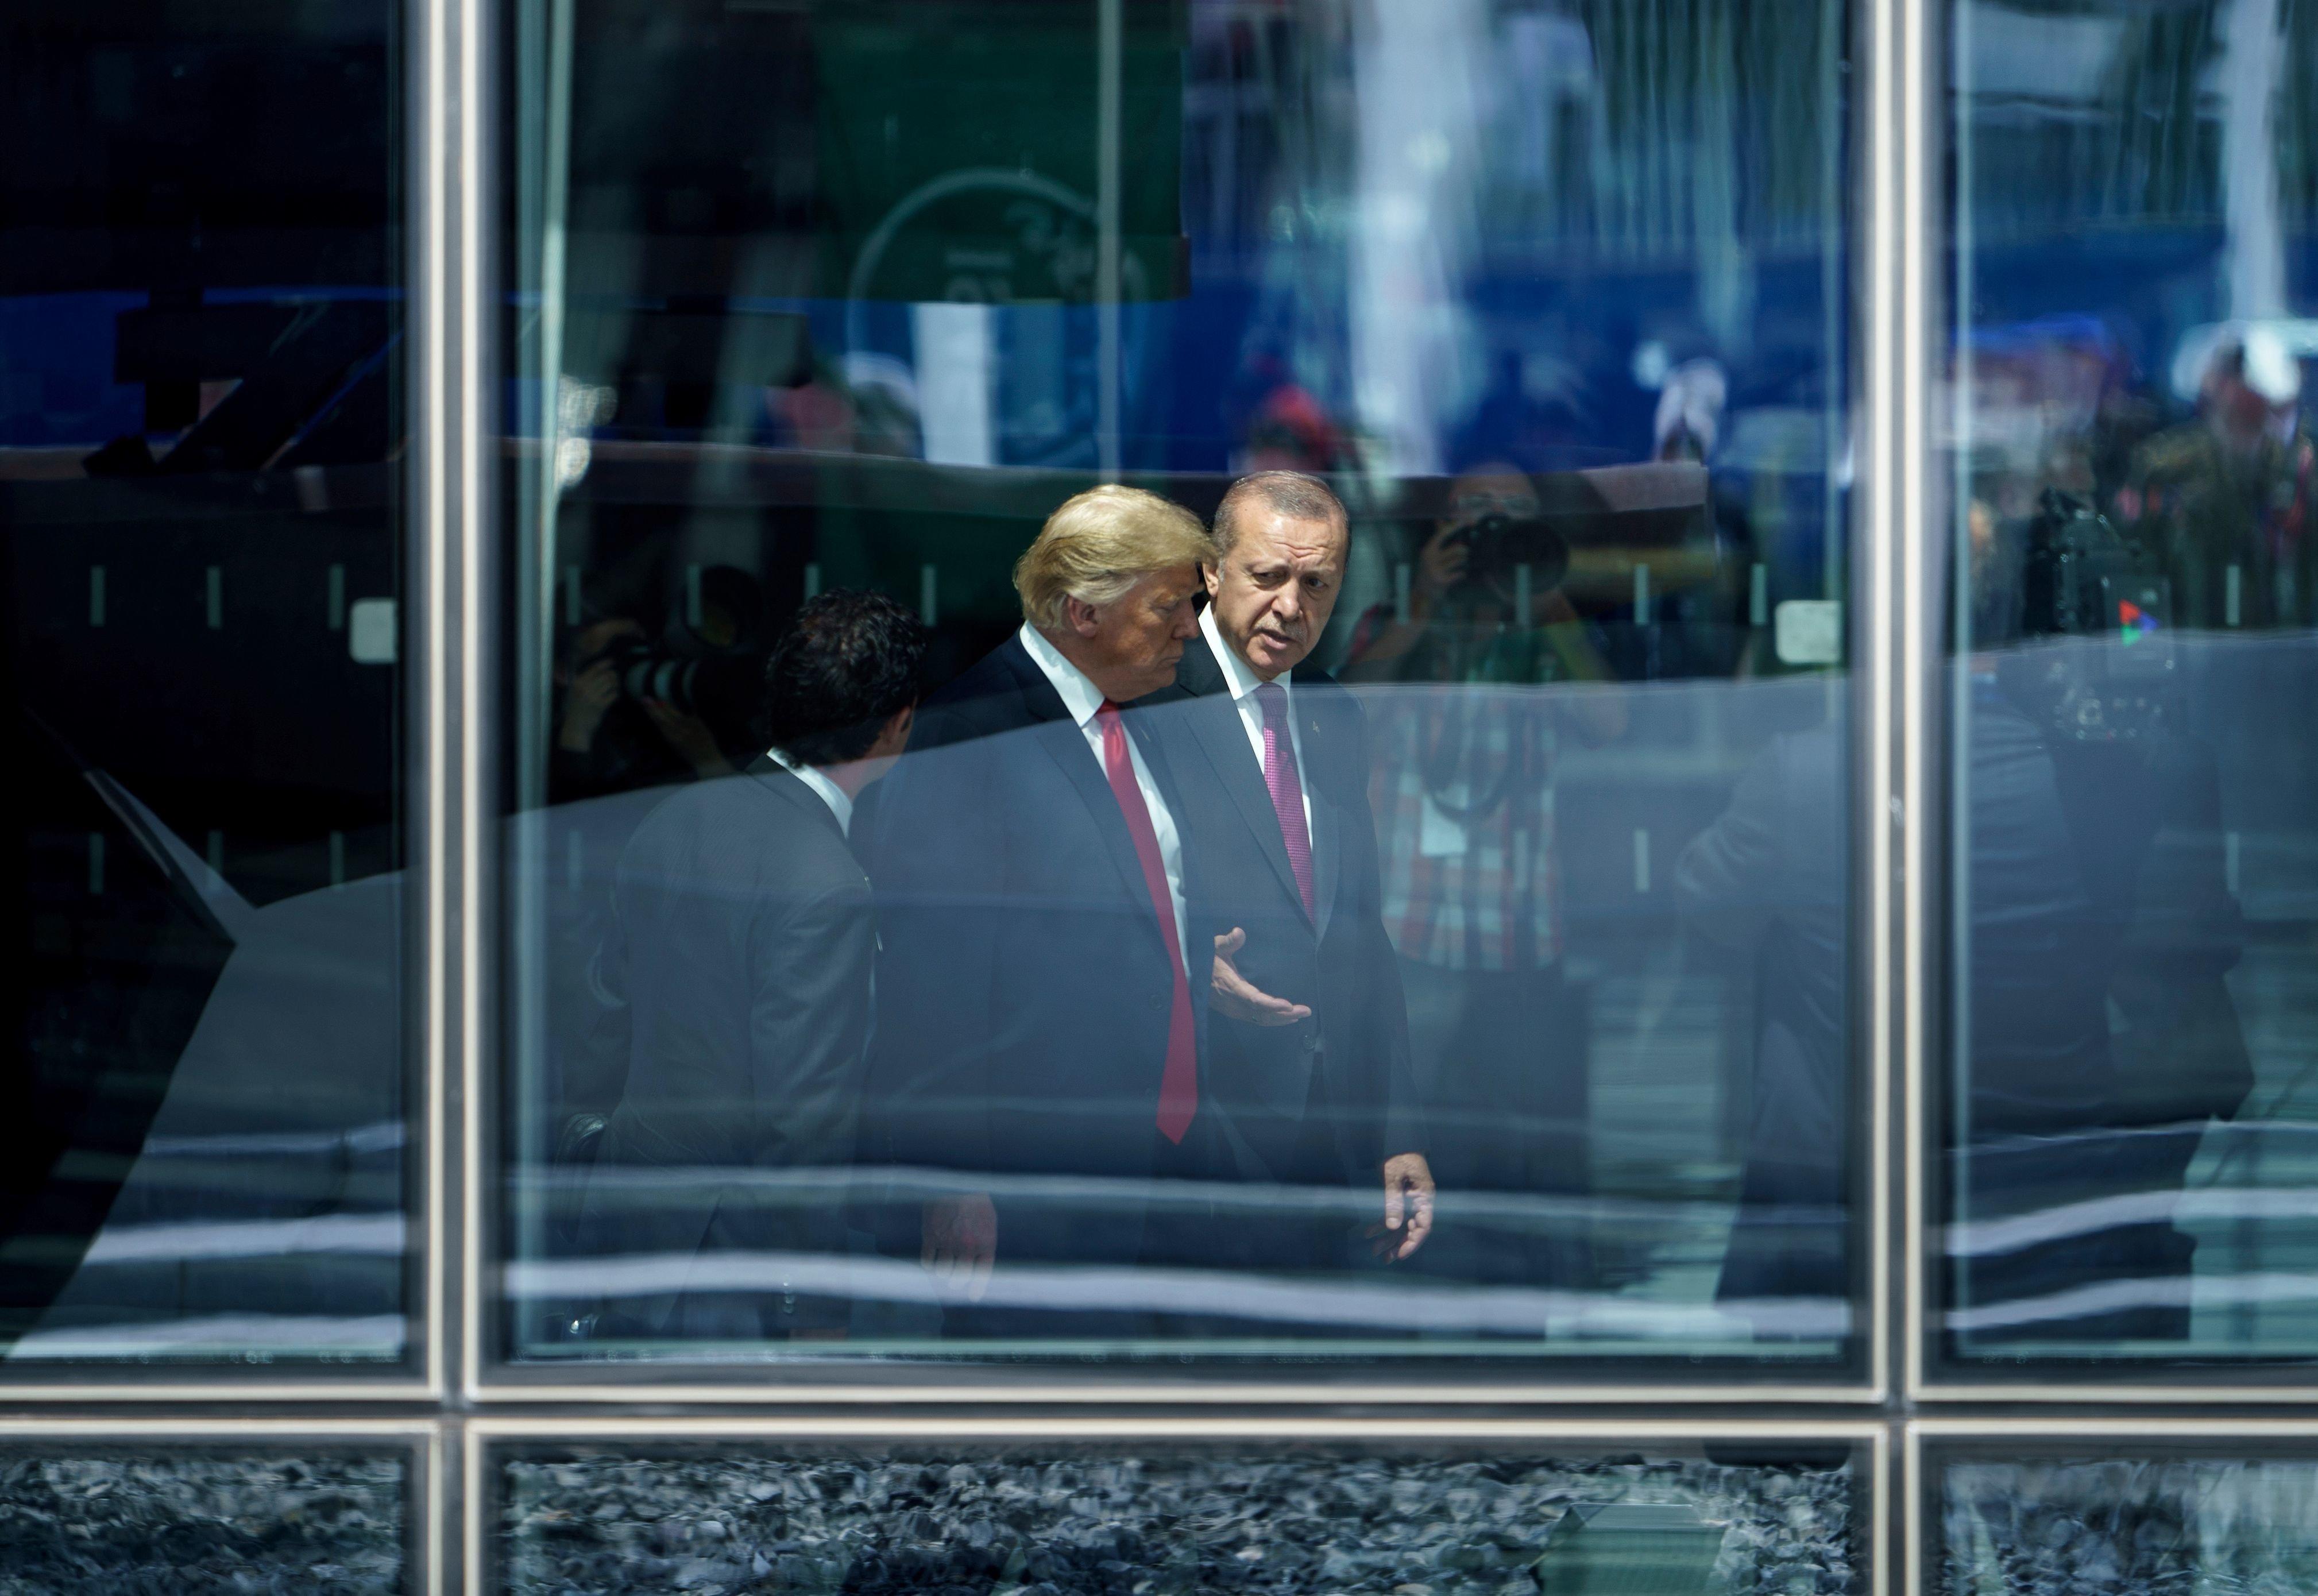 Η μπλόφα του Ερντογάν στον Τραμπ. Πώς ο σουλτάνος την έφερε στον πλανητάρχη